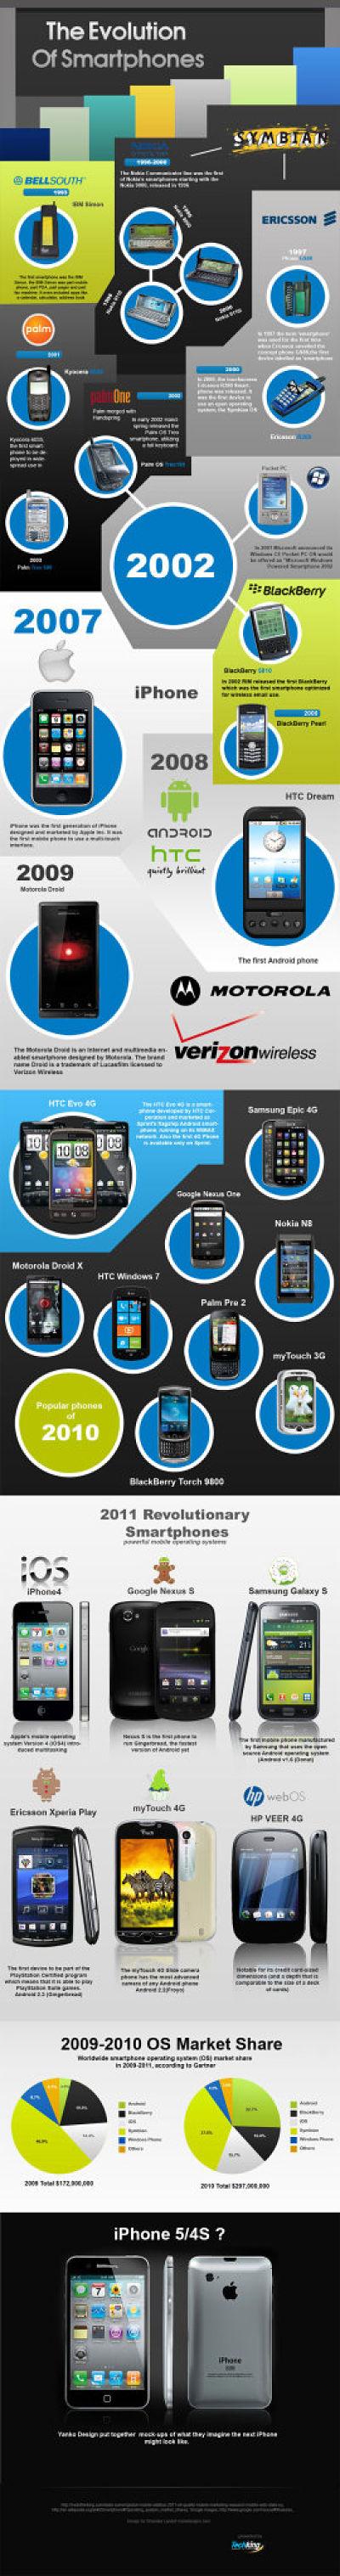 Actualidad Informática. Infografía: evolución de los smartphones. Rafael Barzanallana. UMU